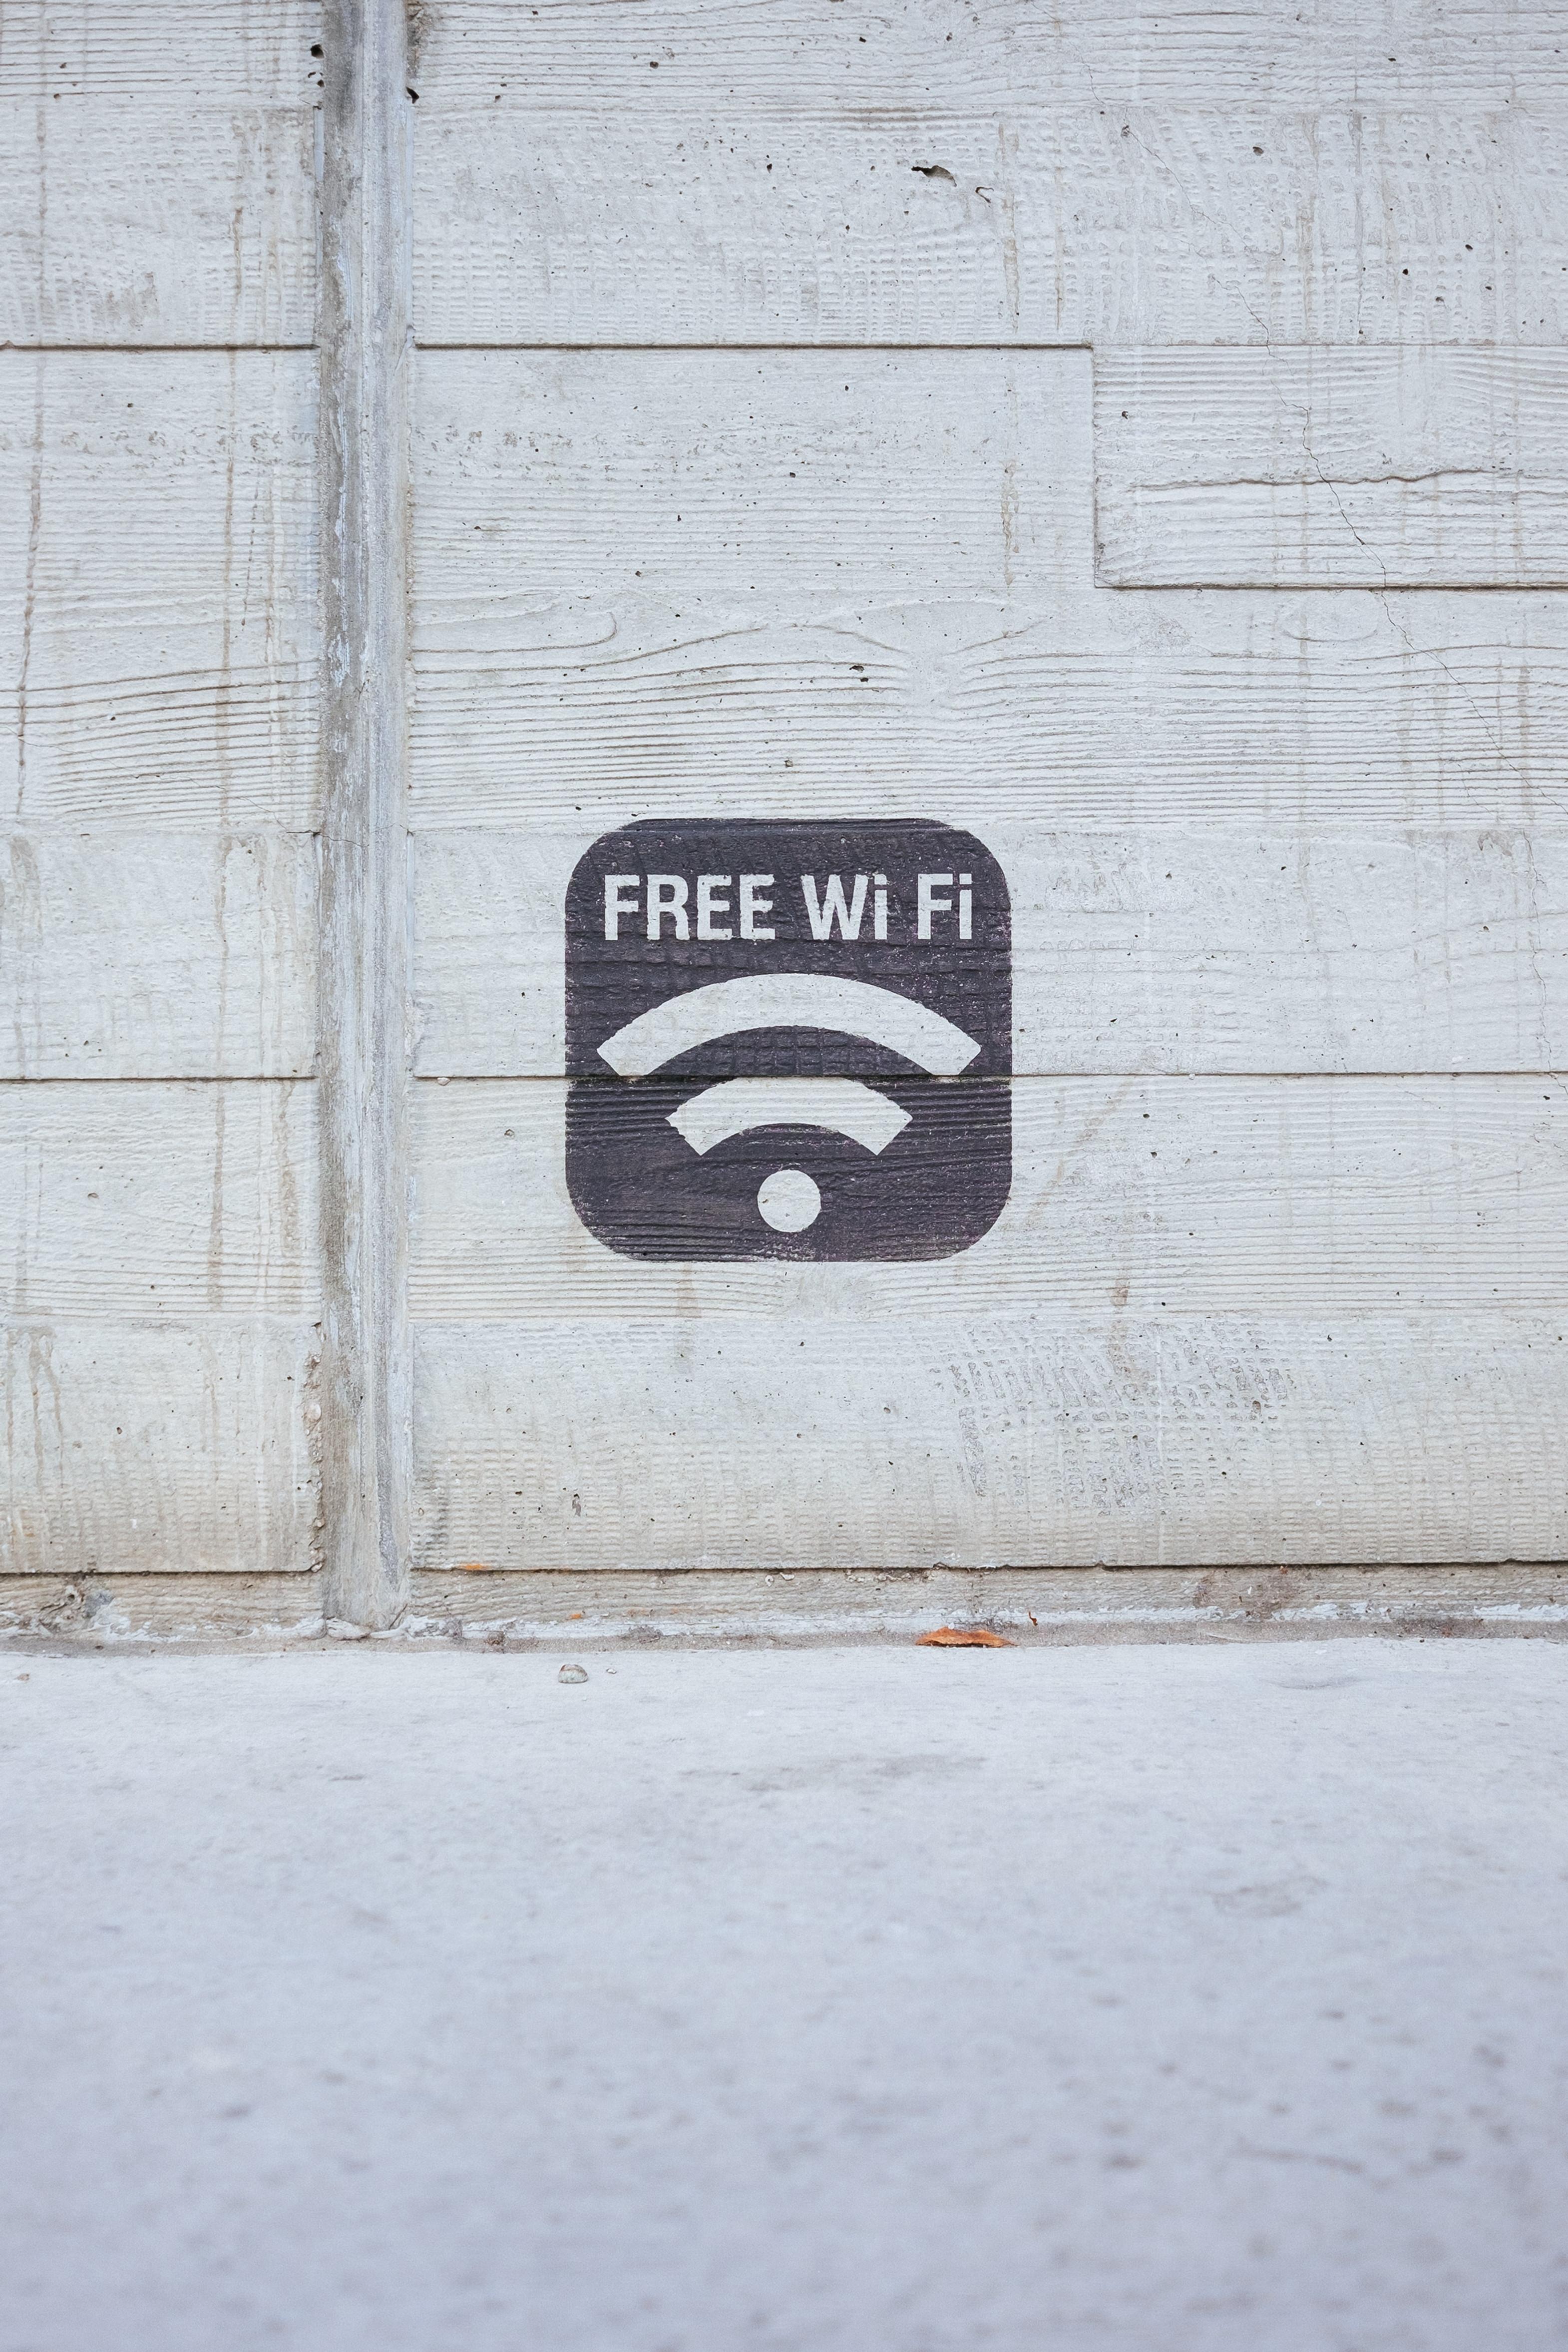 Wi-Fi Usage